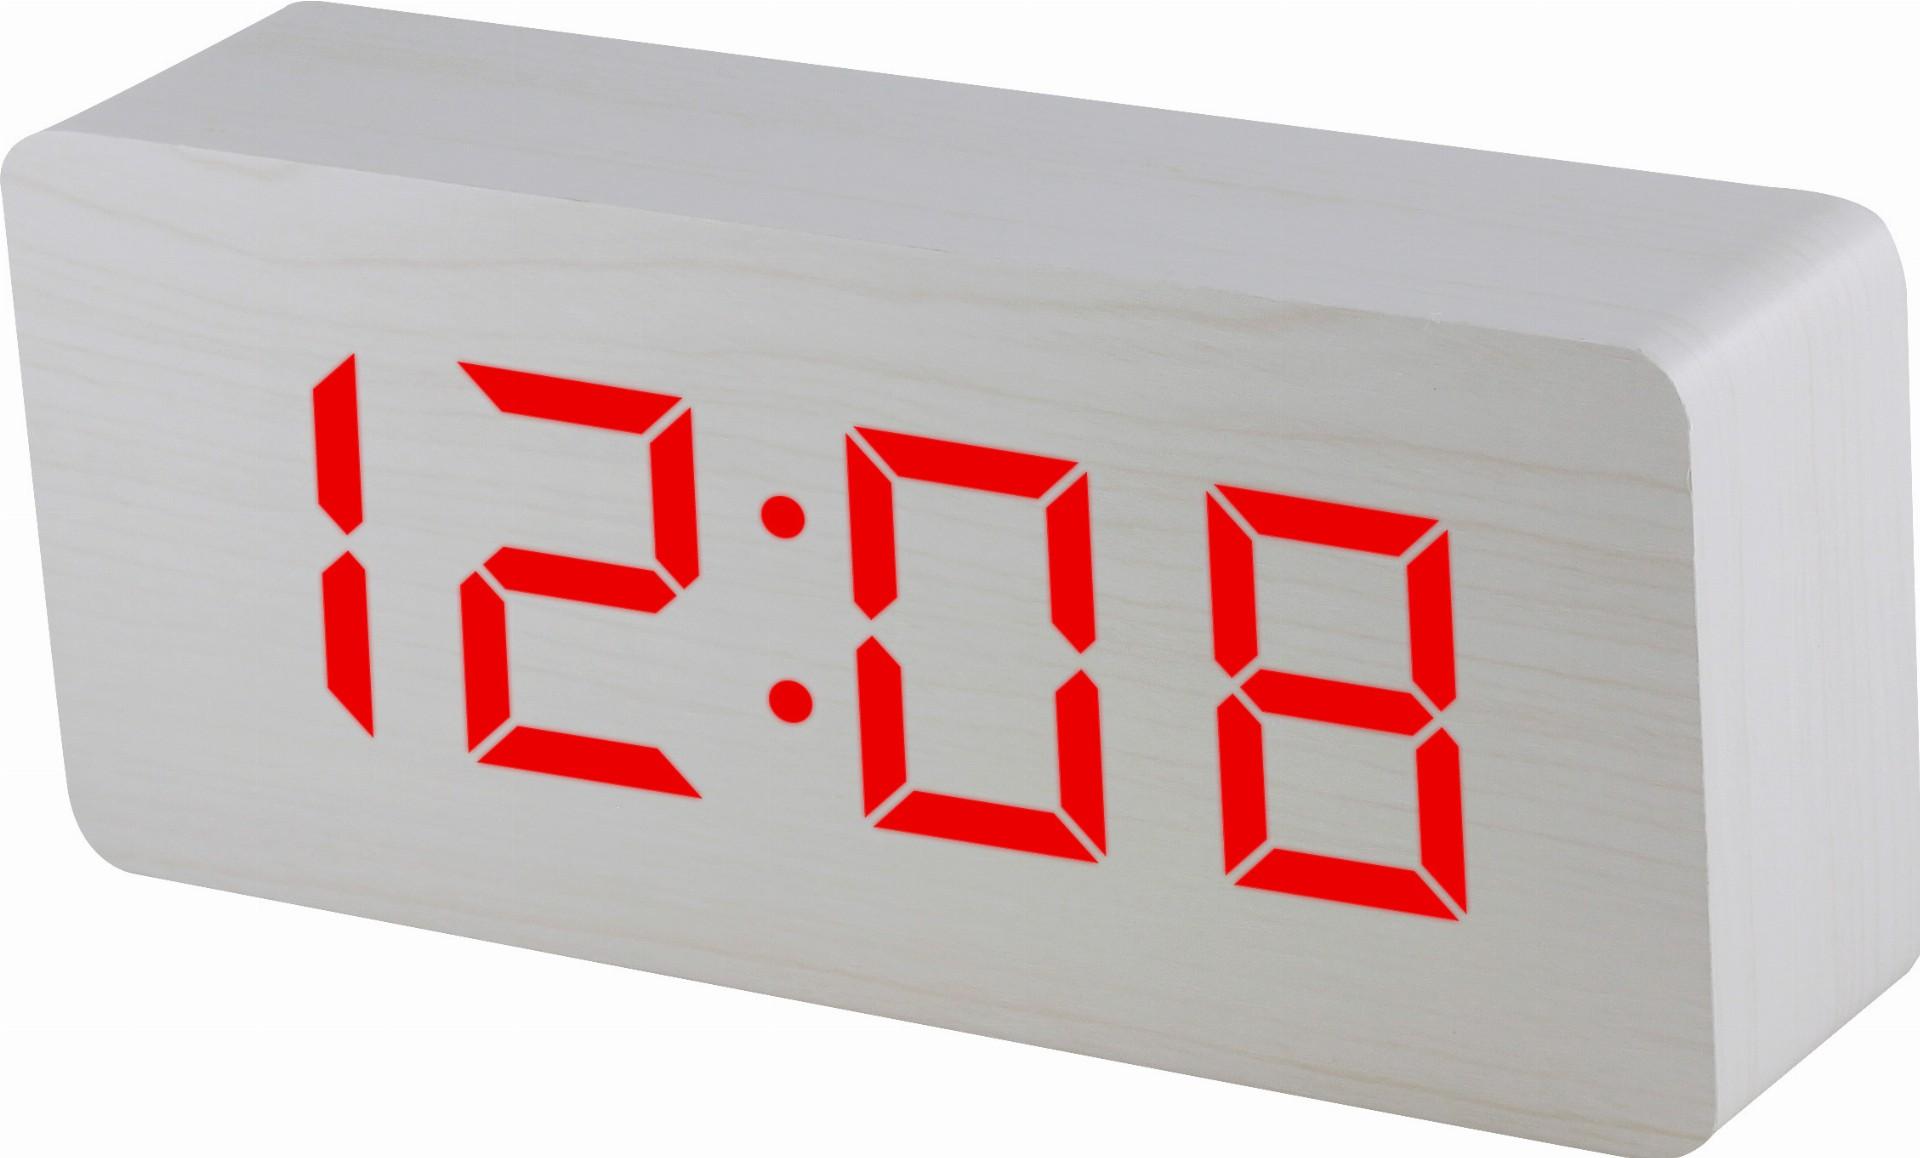 MPM Digitální budík MPM s červenými číslicemi C02.3565 RED LED